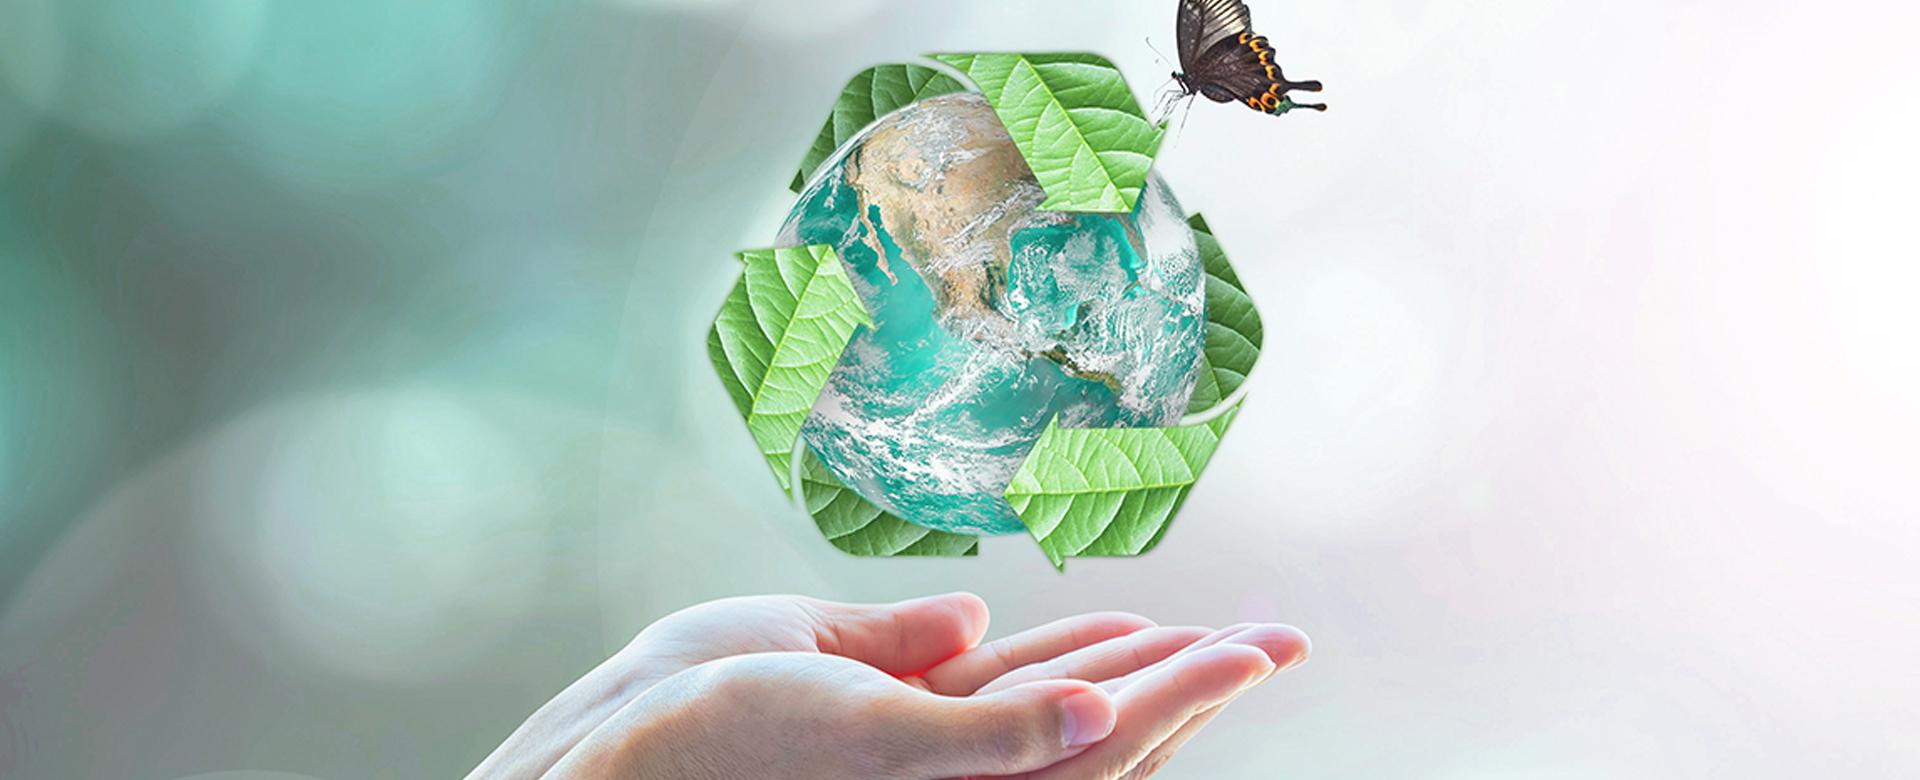 Les aides pour réduire nos déchets